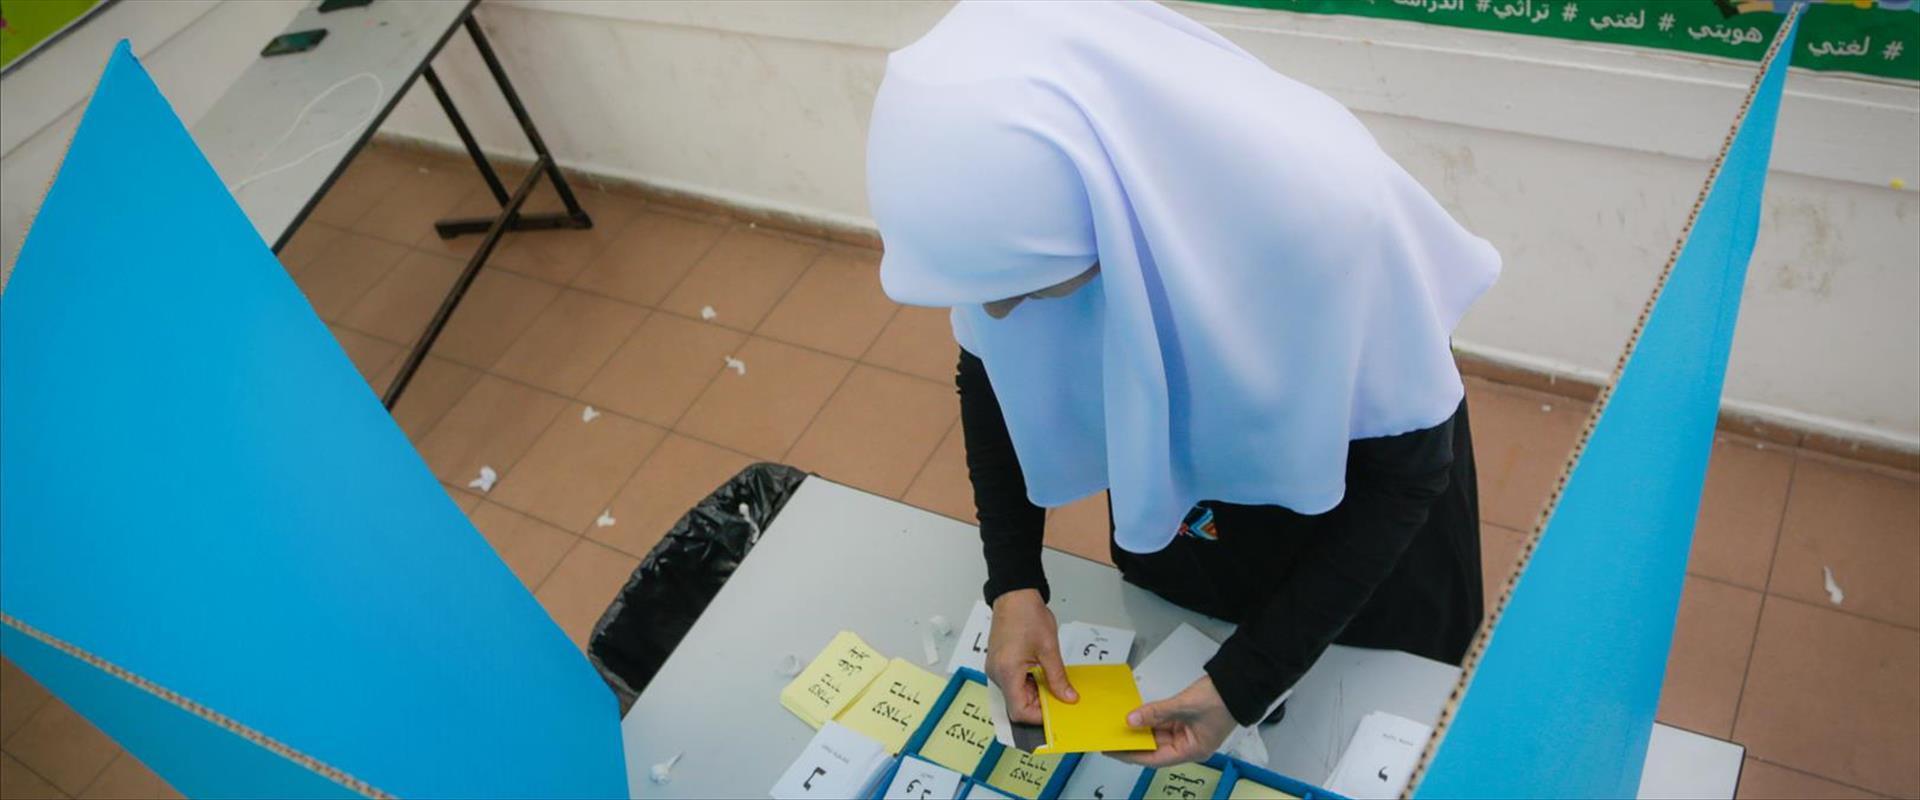 הצבעה במגזר הערבי